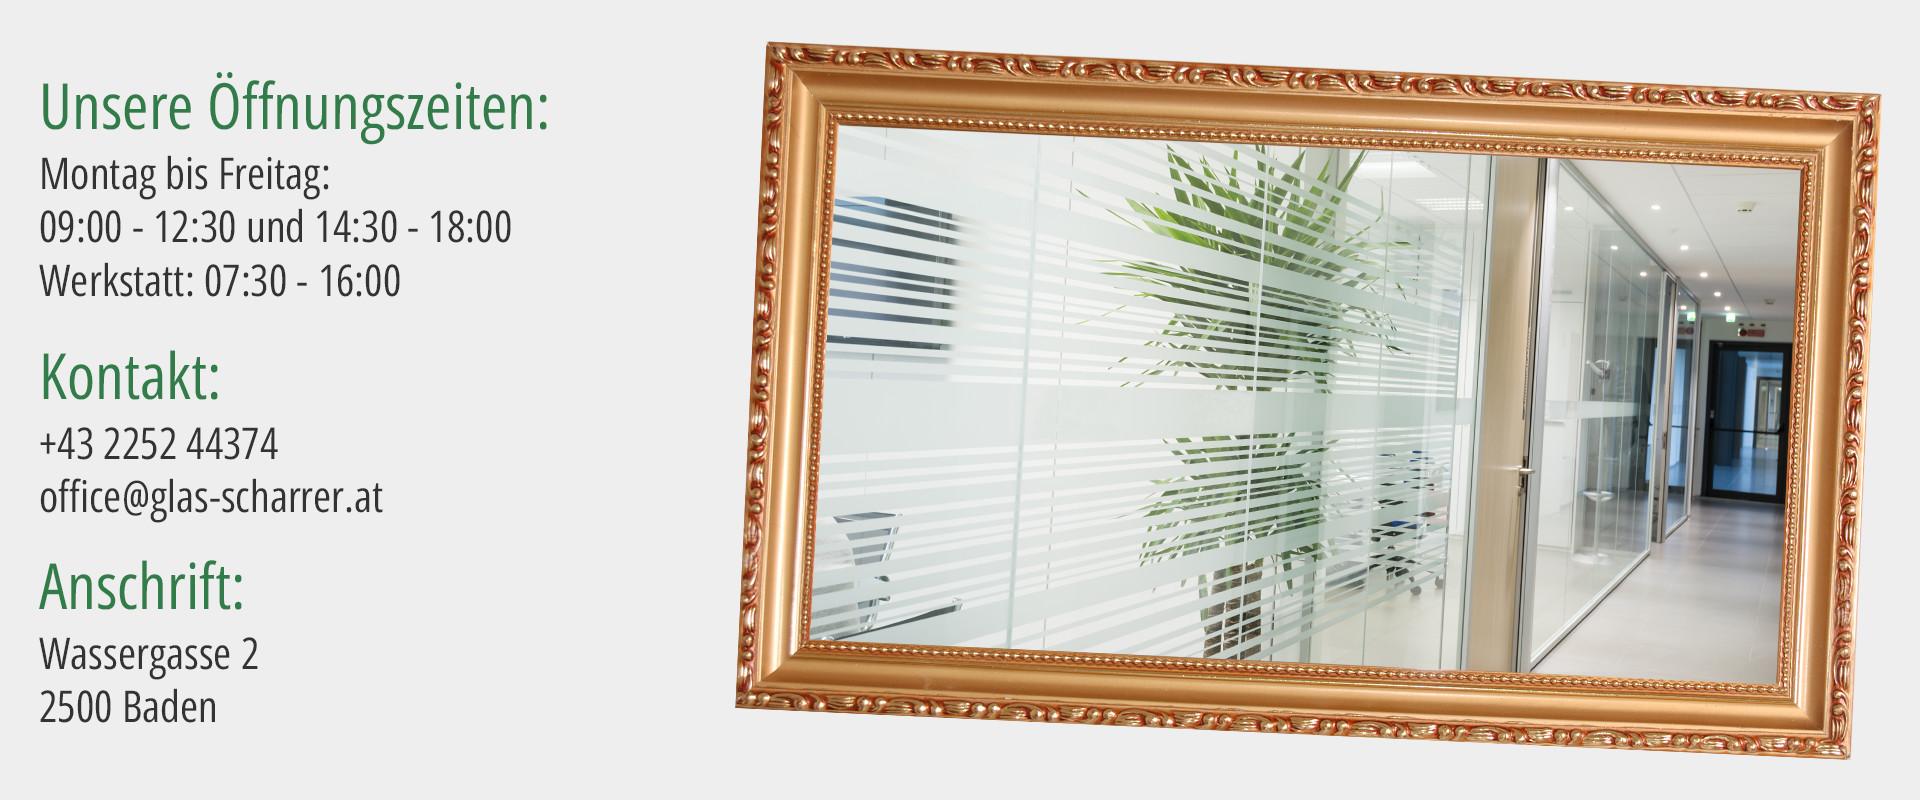 Ungewöhnlich Bilderrahmen Mit Mehreren öffnungen Matten Bilder ...